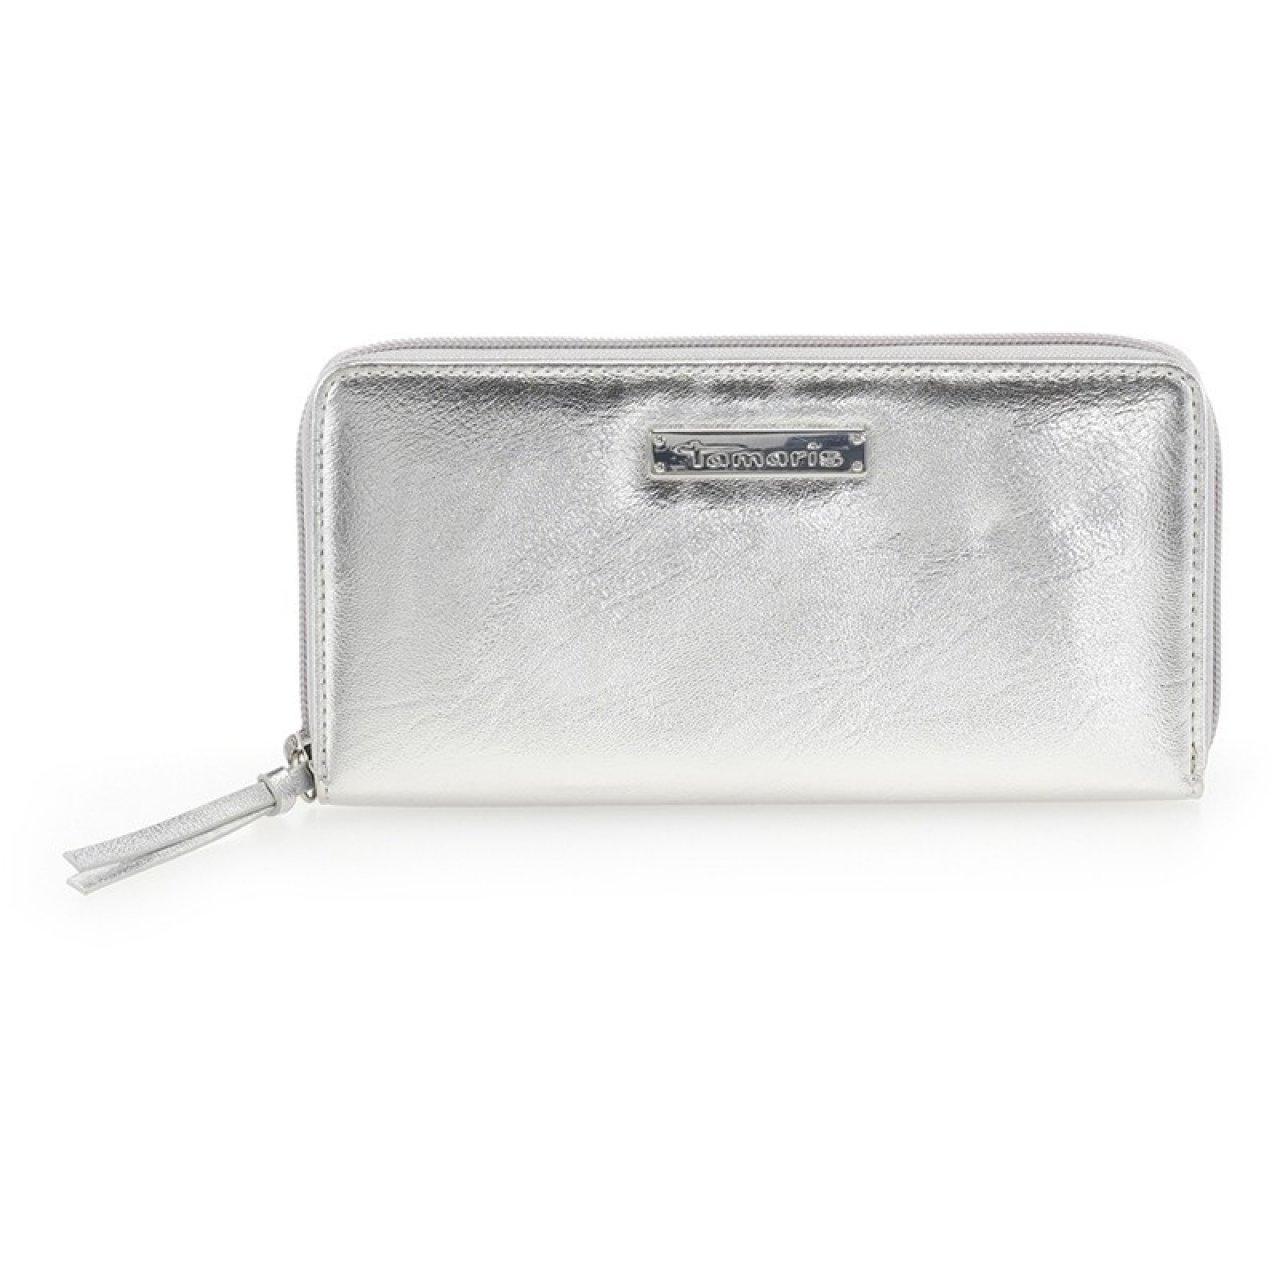 c7681f6fa8f Dámská peněženka Tamaris Debora - stříbrná